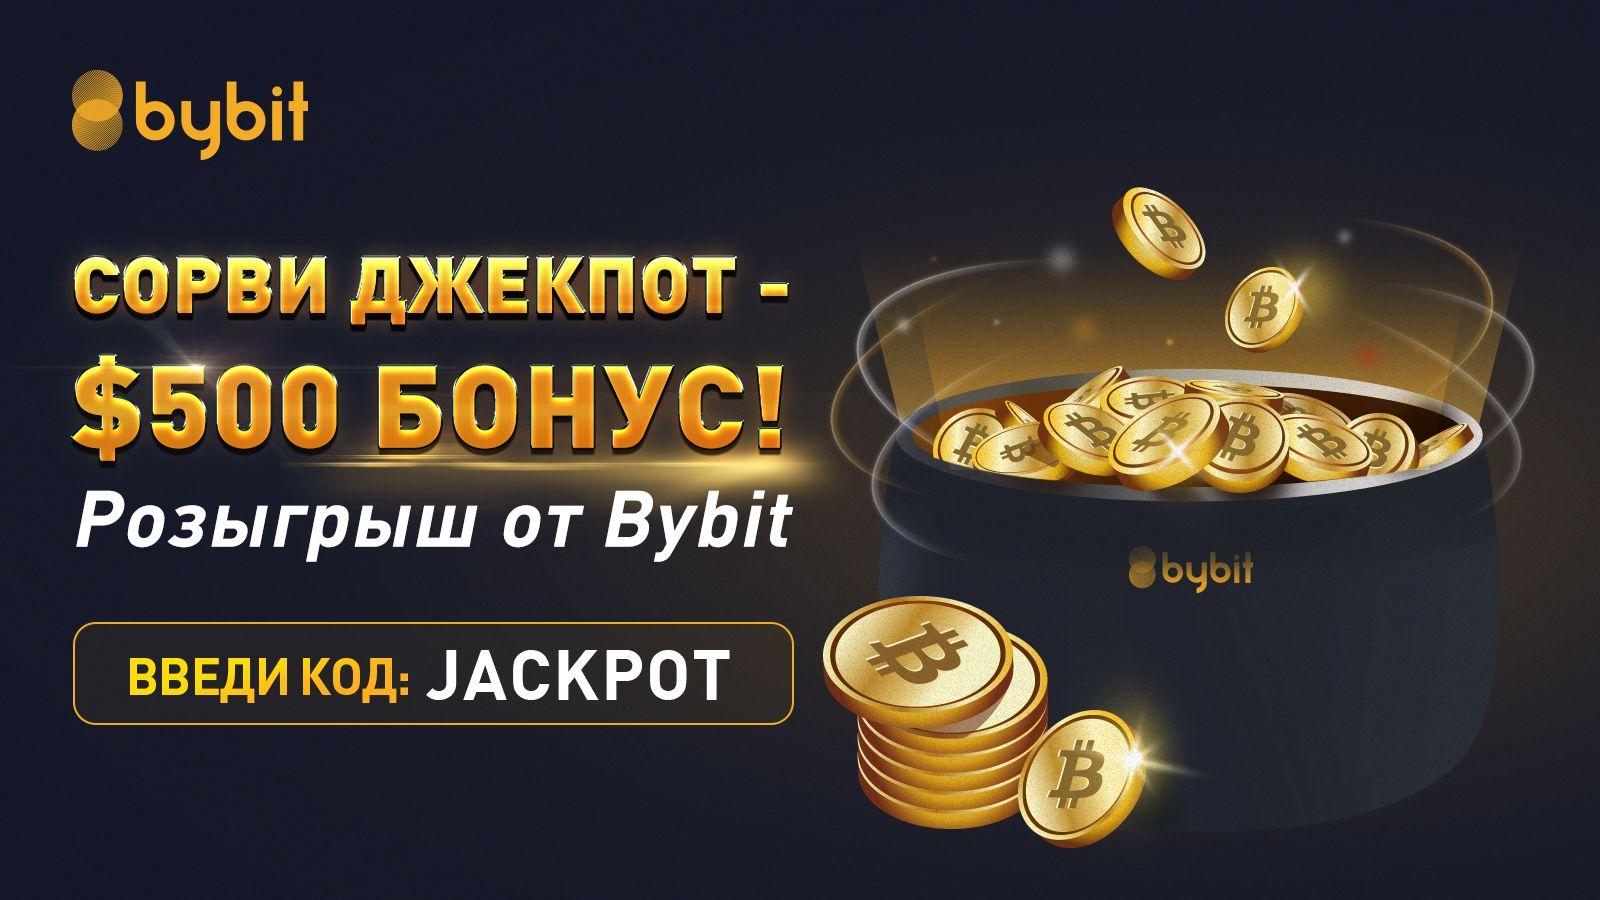 Биржа криптодеривативов Bybit начисляет до $500 за депозиты в биткоине